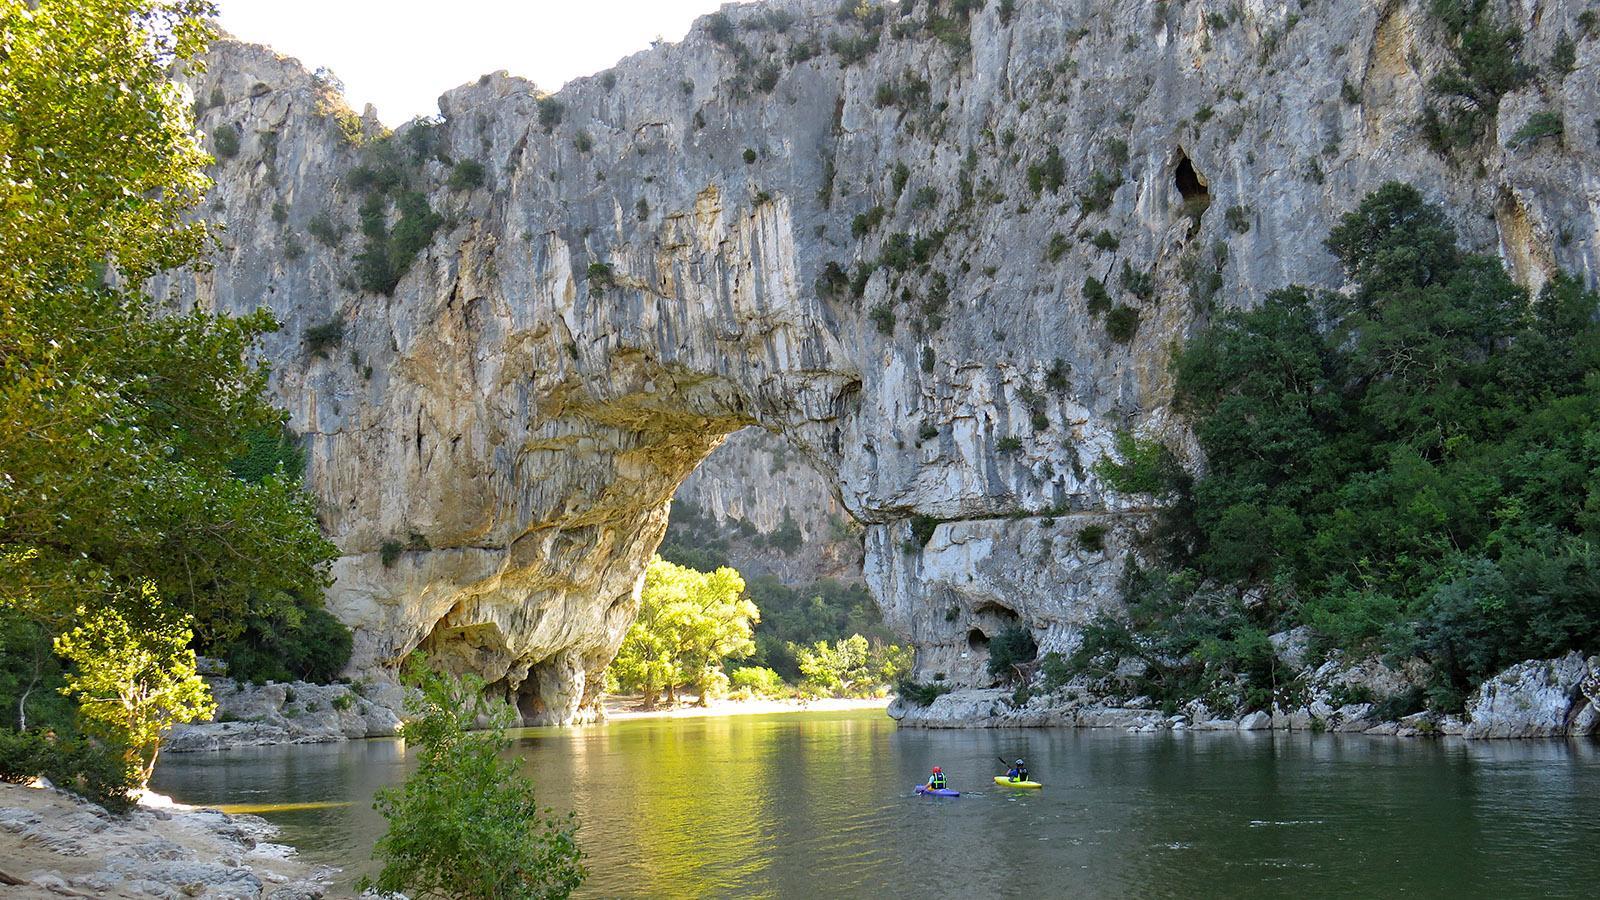 Kajaktour auf der Ardèche kurz vor einer ihrer größten Sehenswürdigkeiten. Der Pont d'Arc. Bild Kathrin